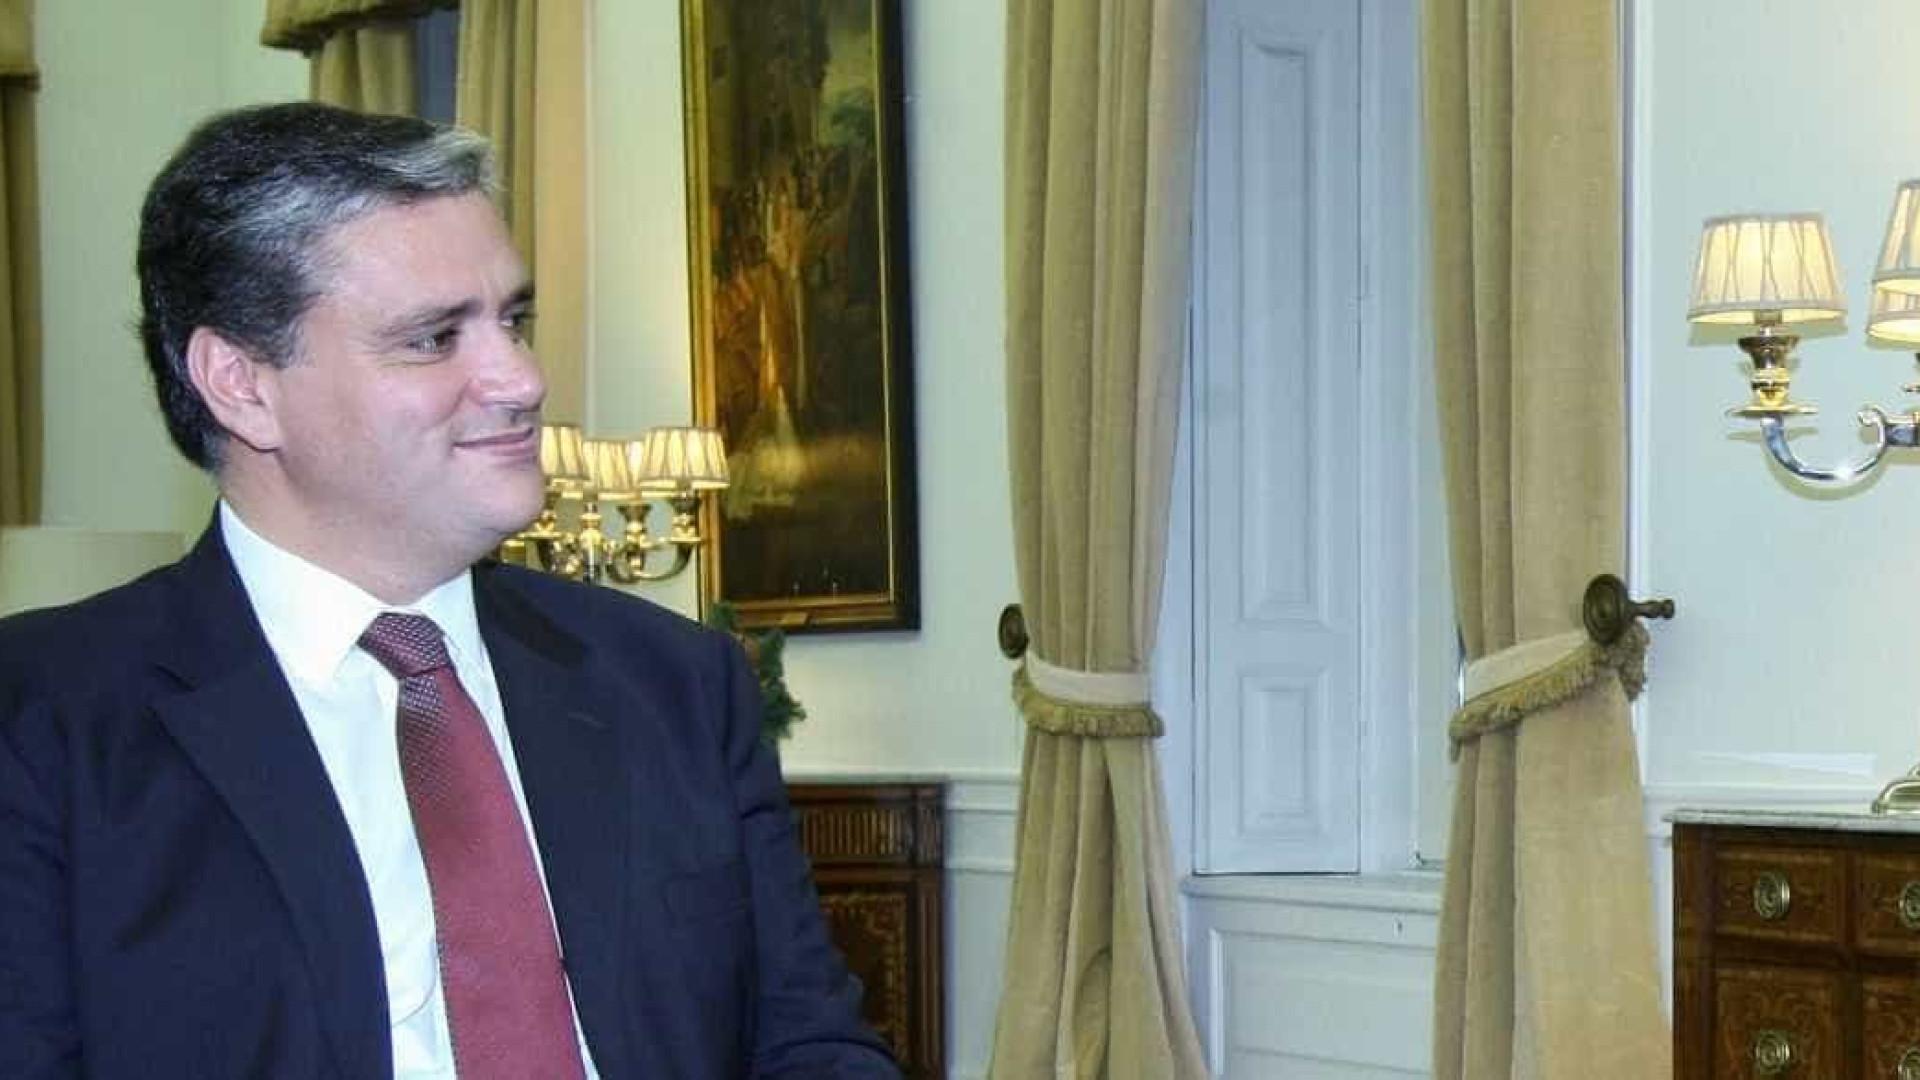 Cultura com aumento de 33% no Plano e Orçamento de 2019 dos Açores